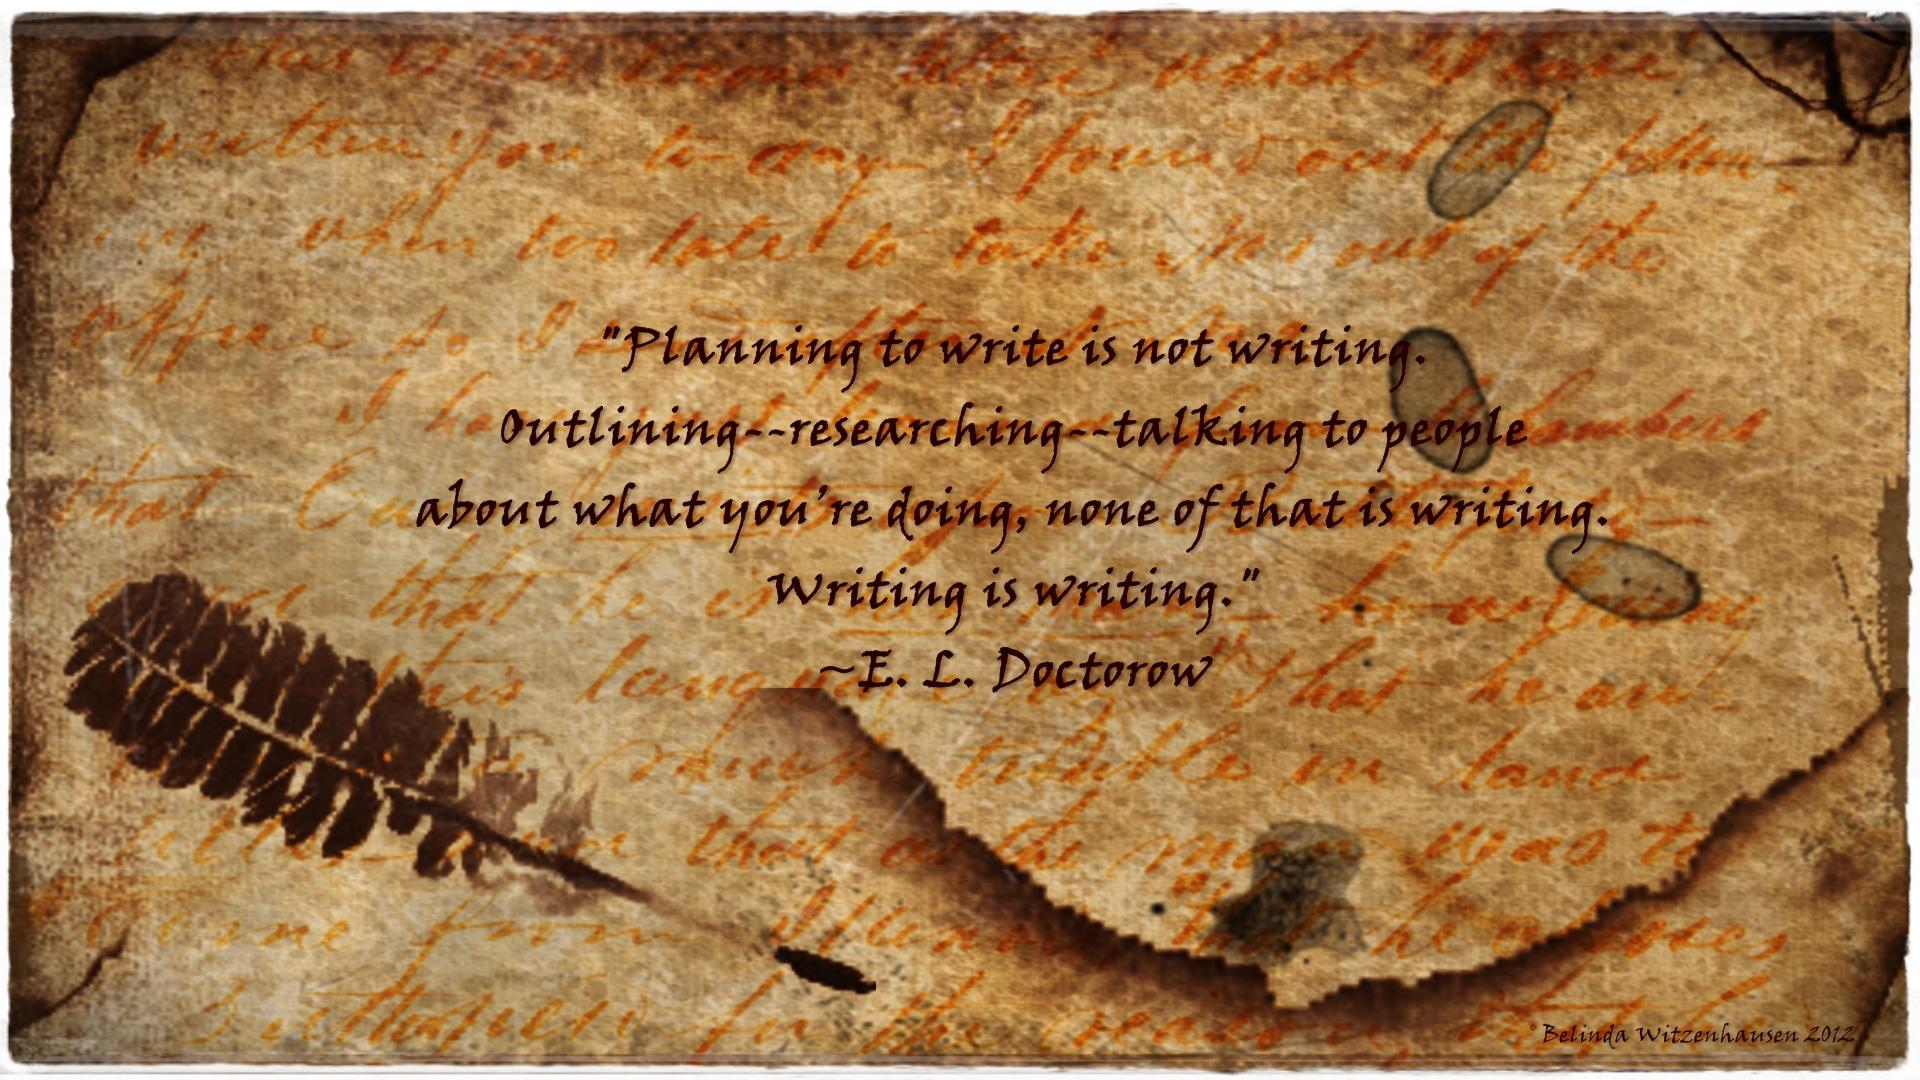 E. L. Doctorow's quote #1